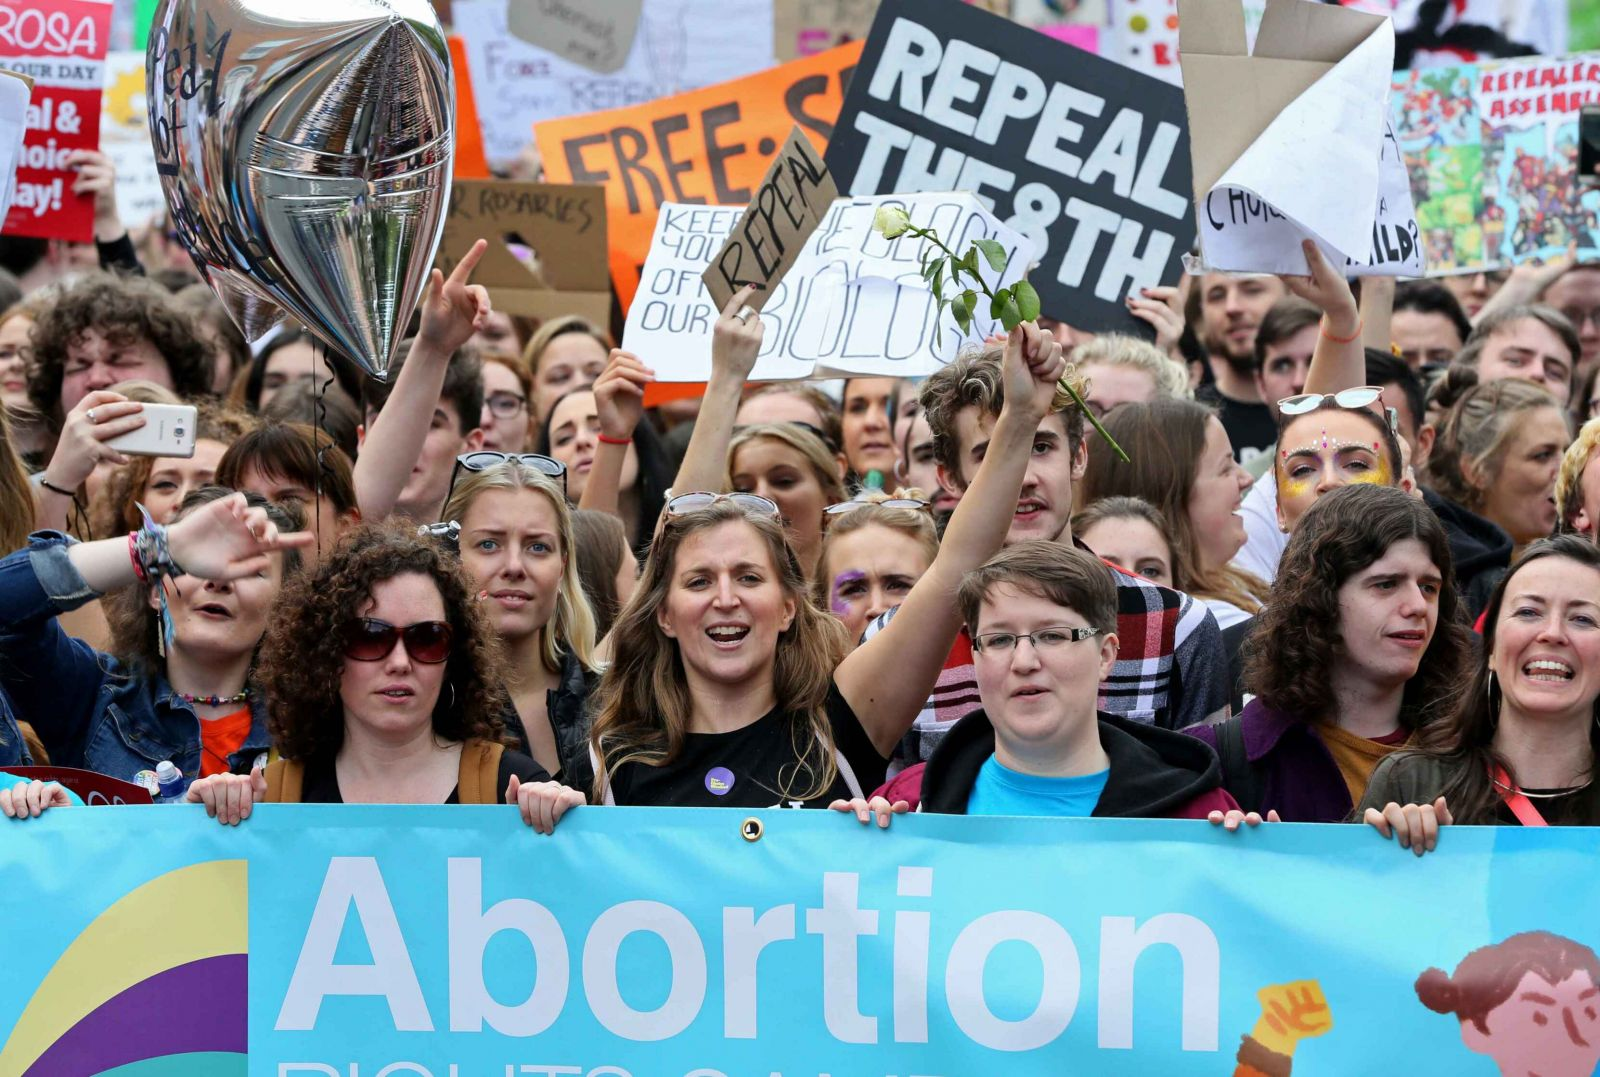 愛爾蘭5月底就墮胎問題公投